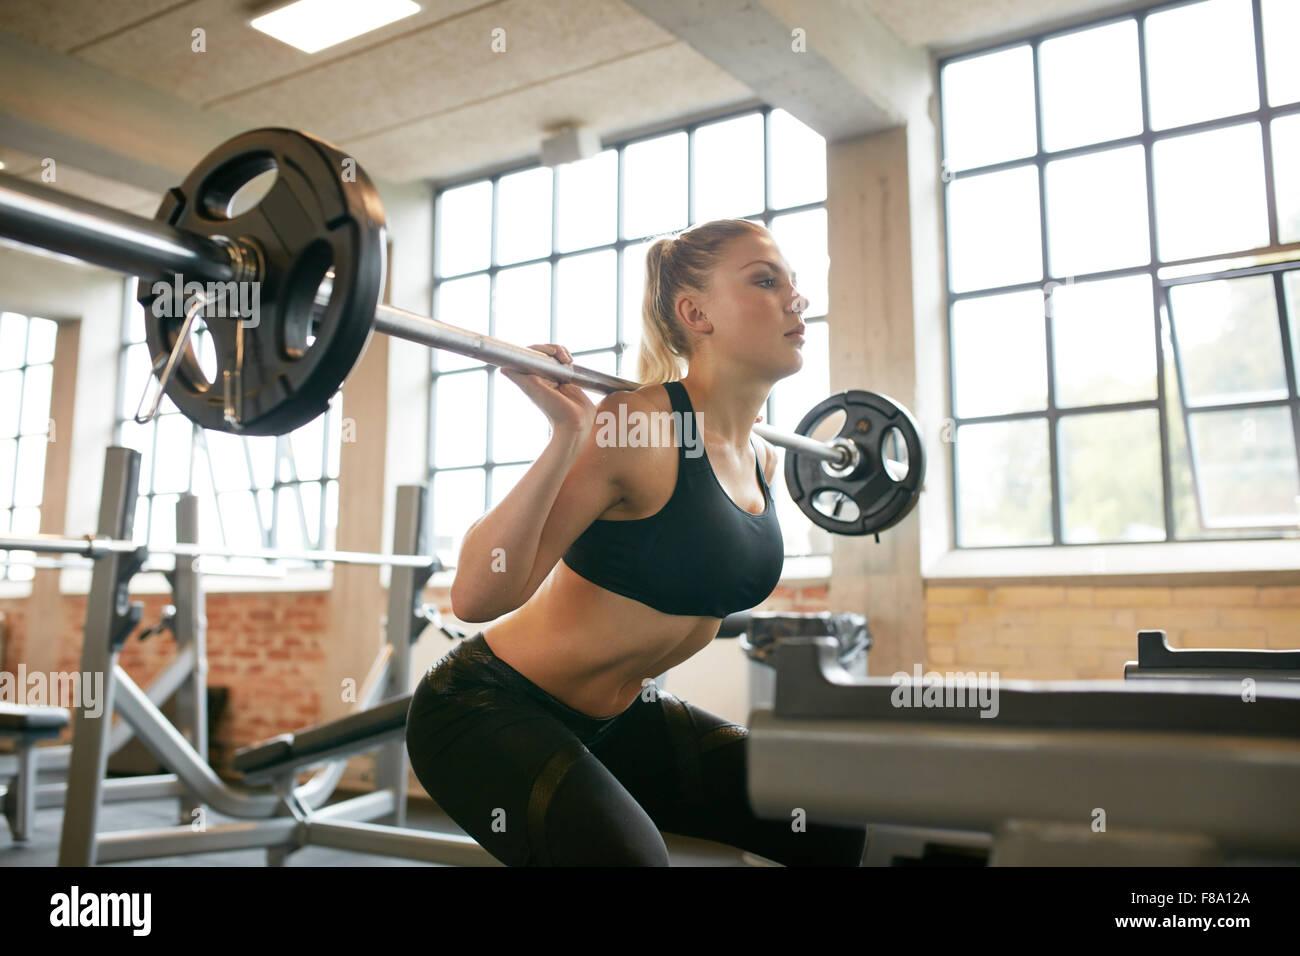 Mujeres haciendo ejercicio en el gimnasio haciendo sentadillas con peso adicional sobre sus hombros. Joven que trabaja Imagen De Stock